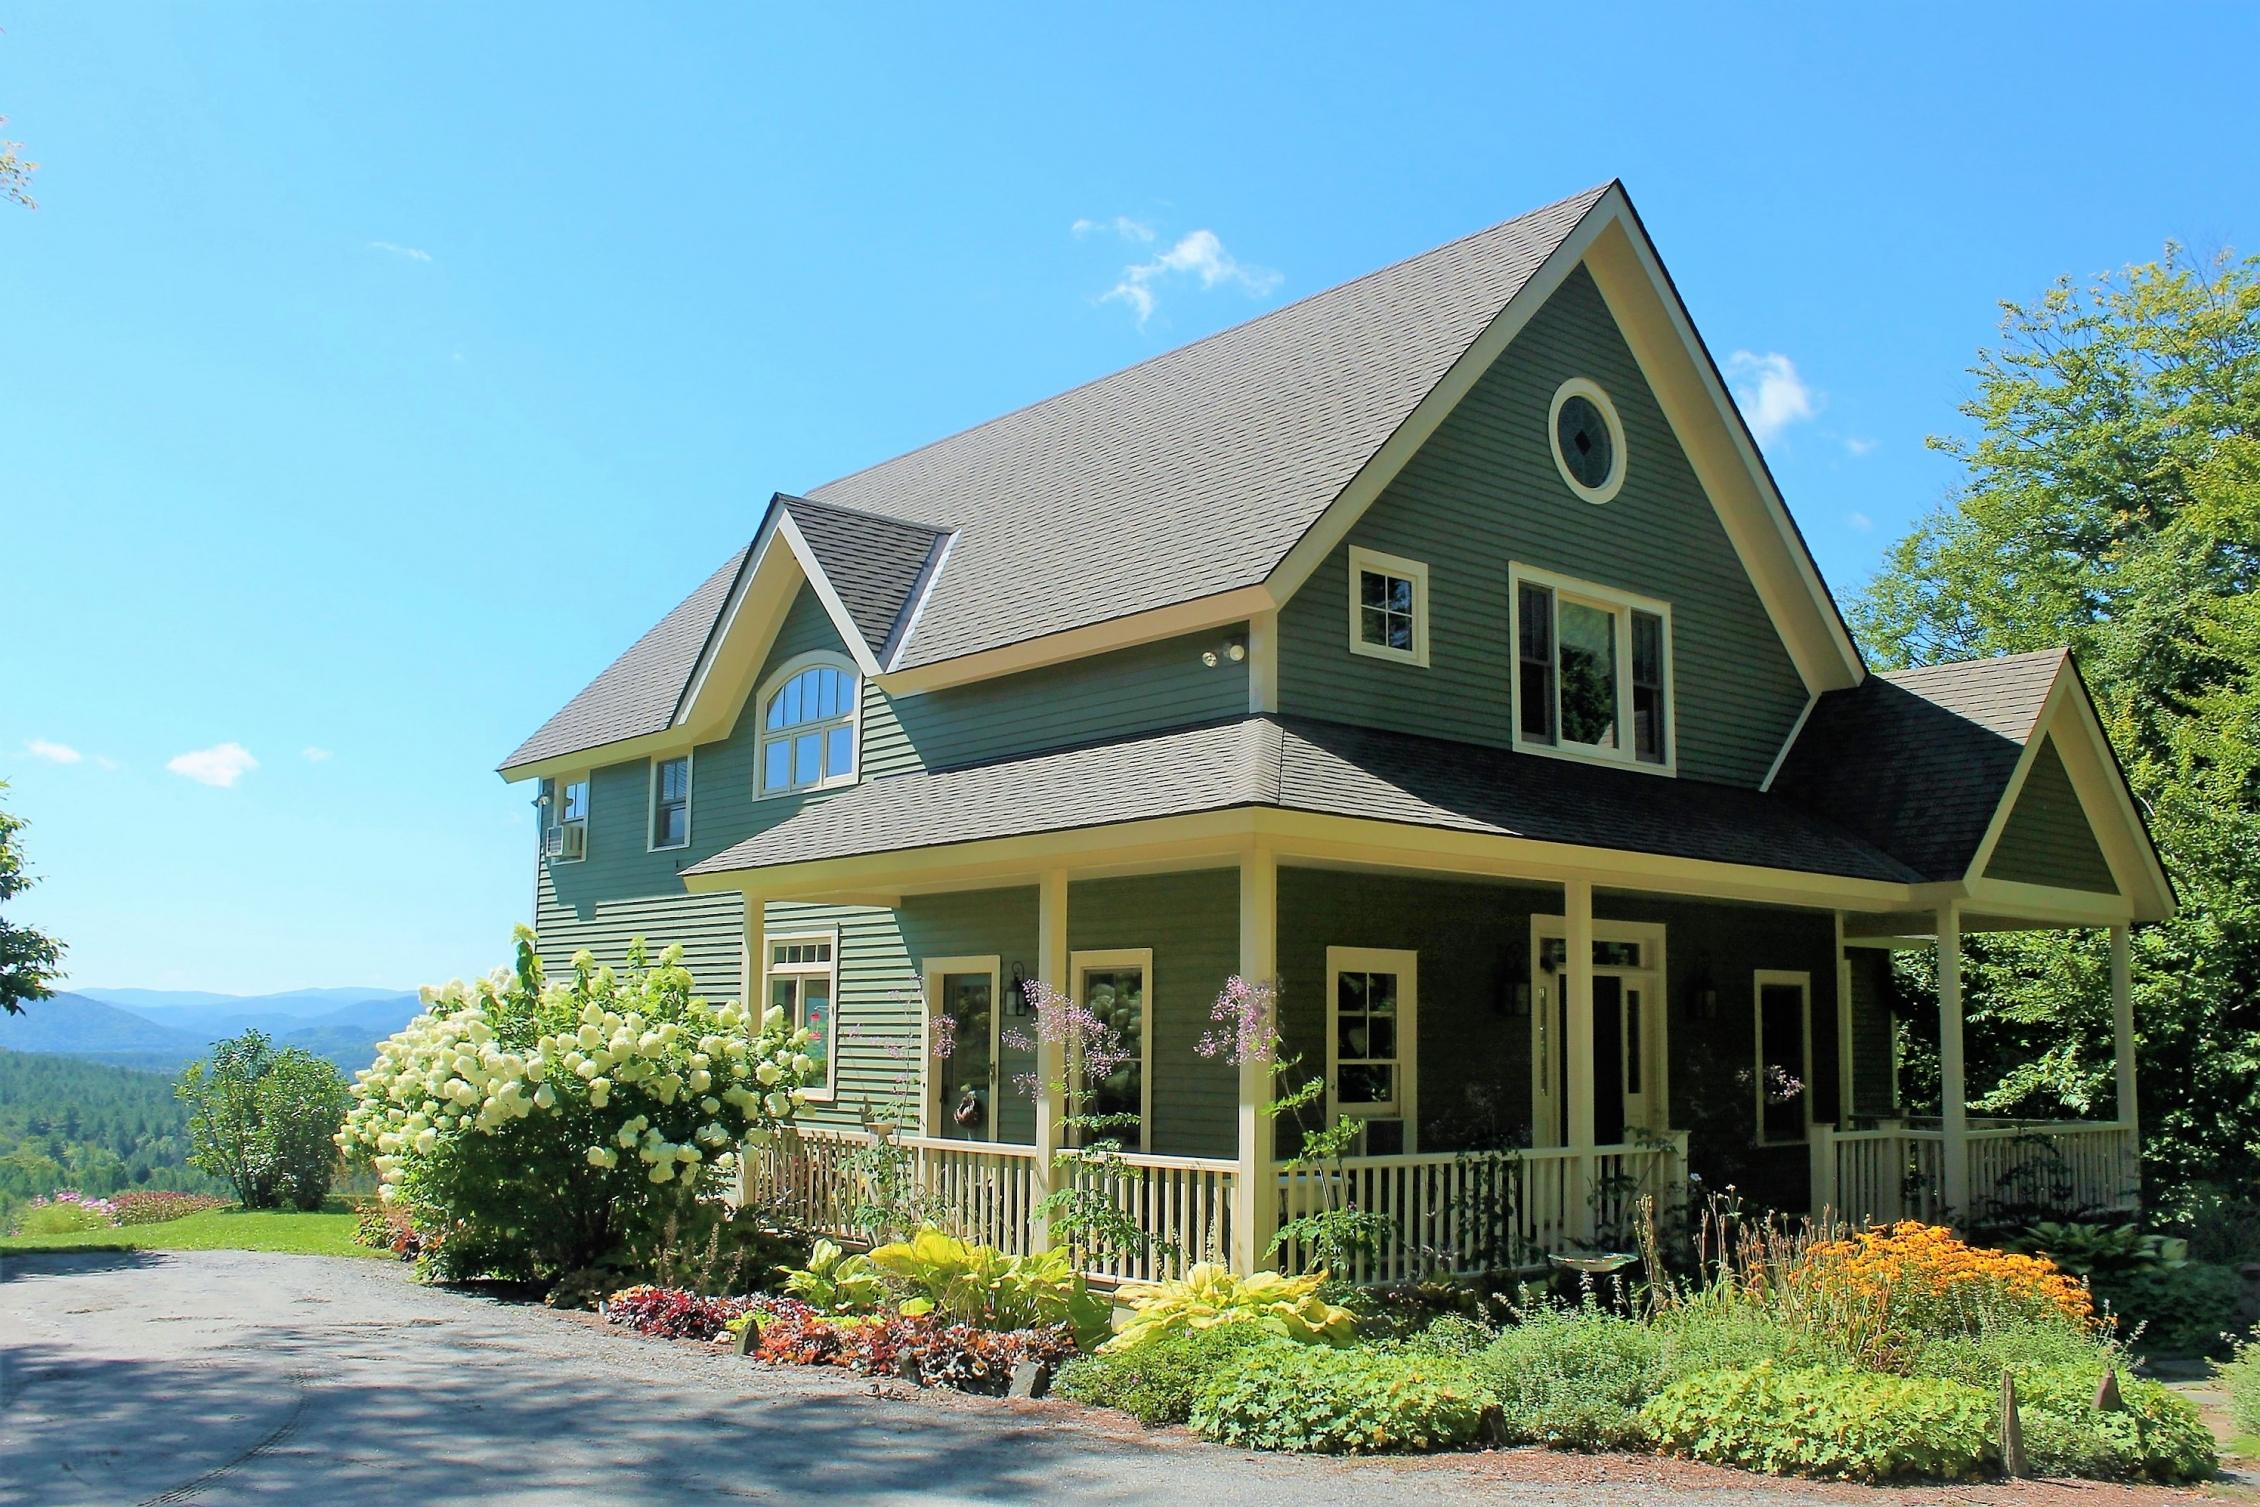 단독 가정 주택 용 매매 에 301 Clover Hill Road, Randolph 301 Clover Hill Rd Randolph, 베르몬트, 05060 미국